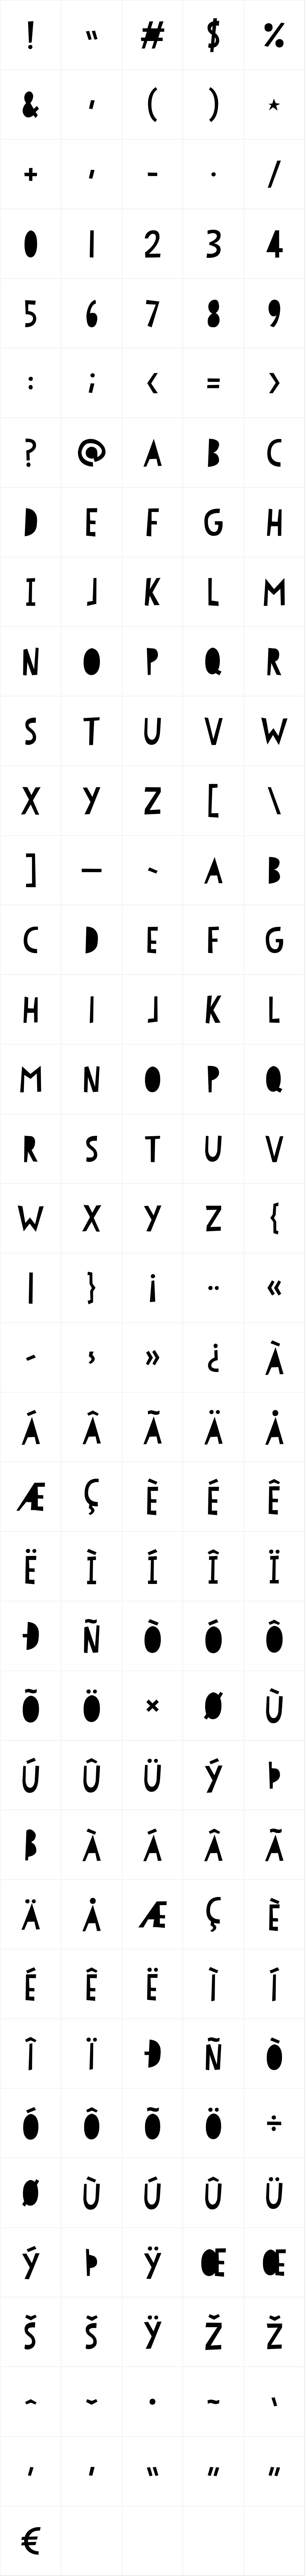 PaperCute Regular